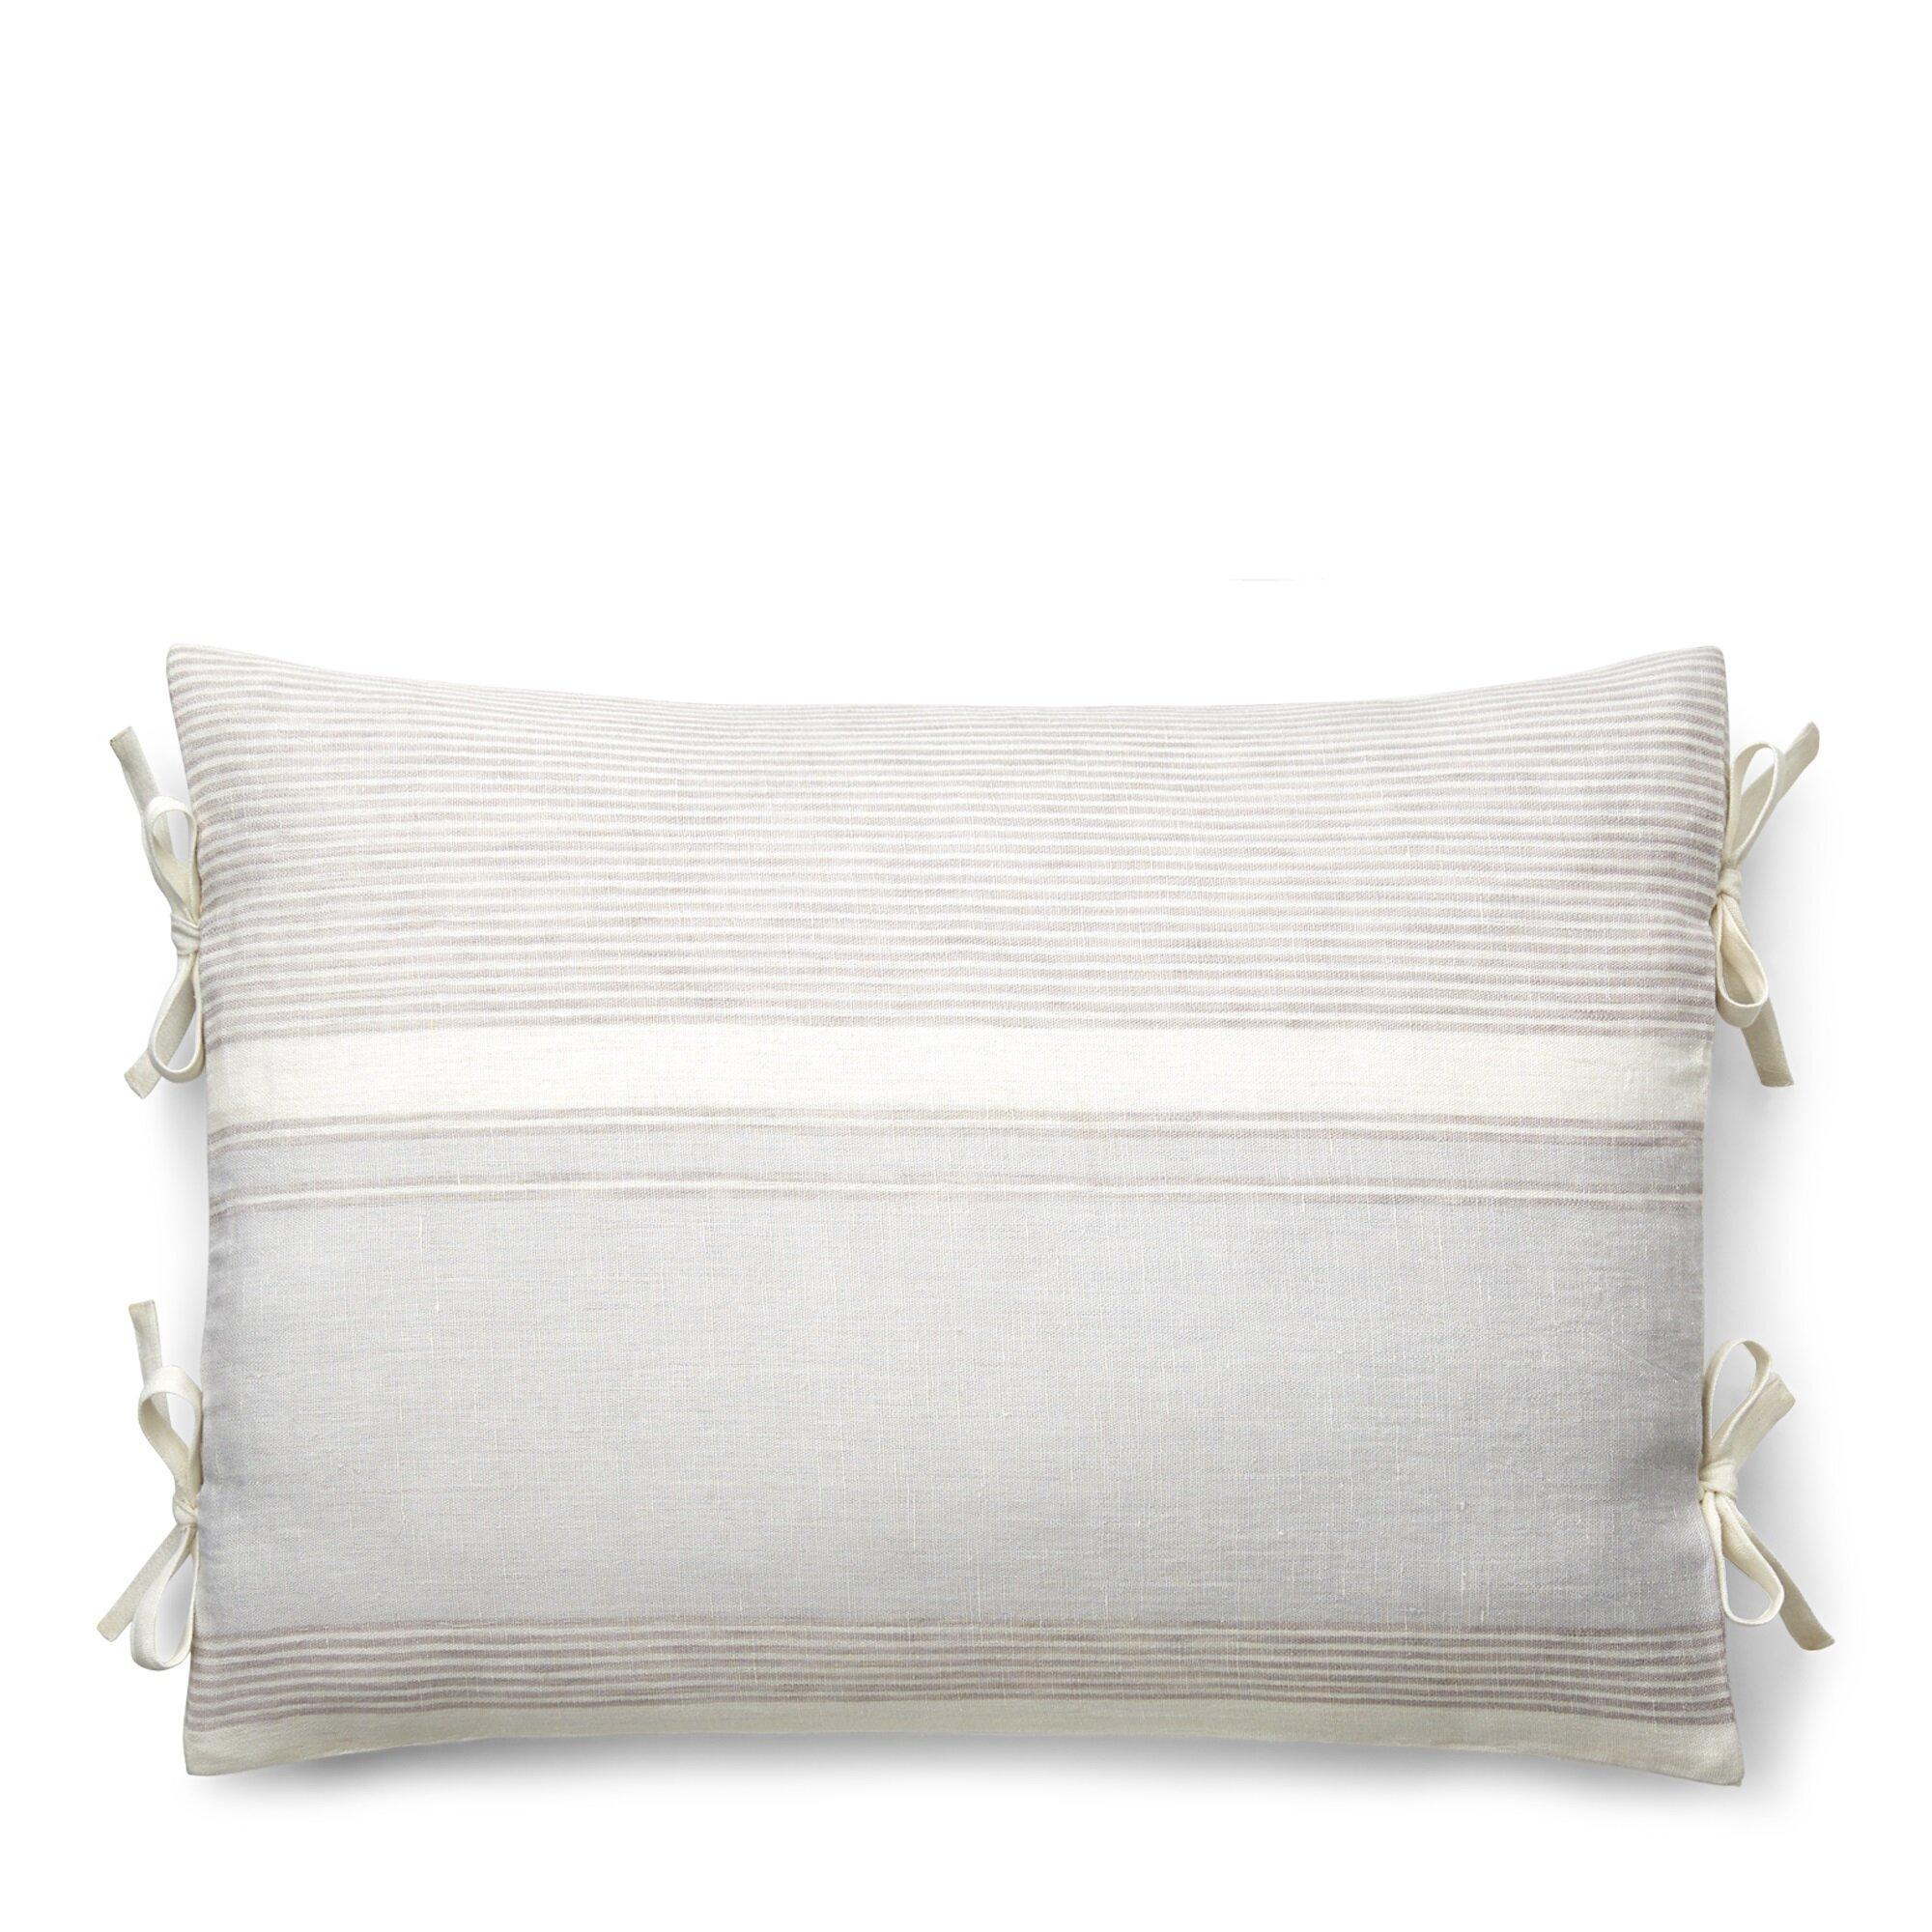 Ivory Cream Lauren Ralph Lauren Throw Pillows You Ll Love In 2021 Wayfair